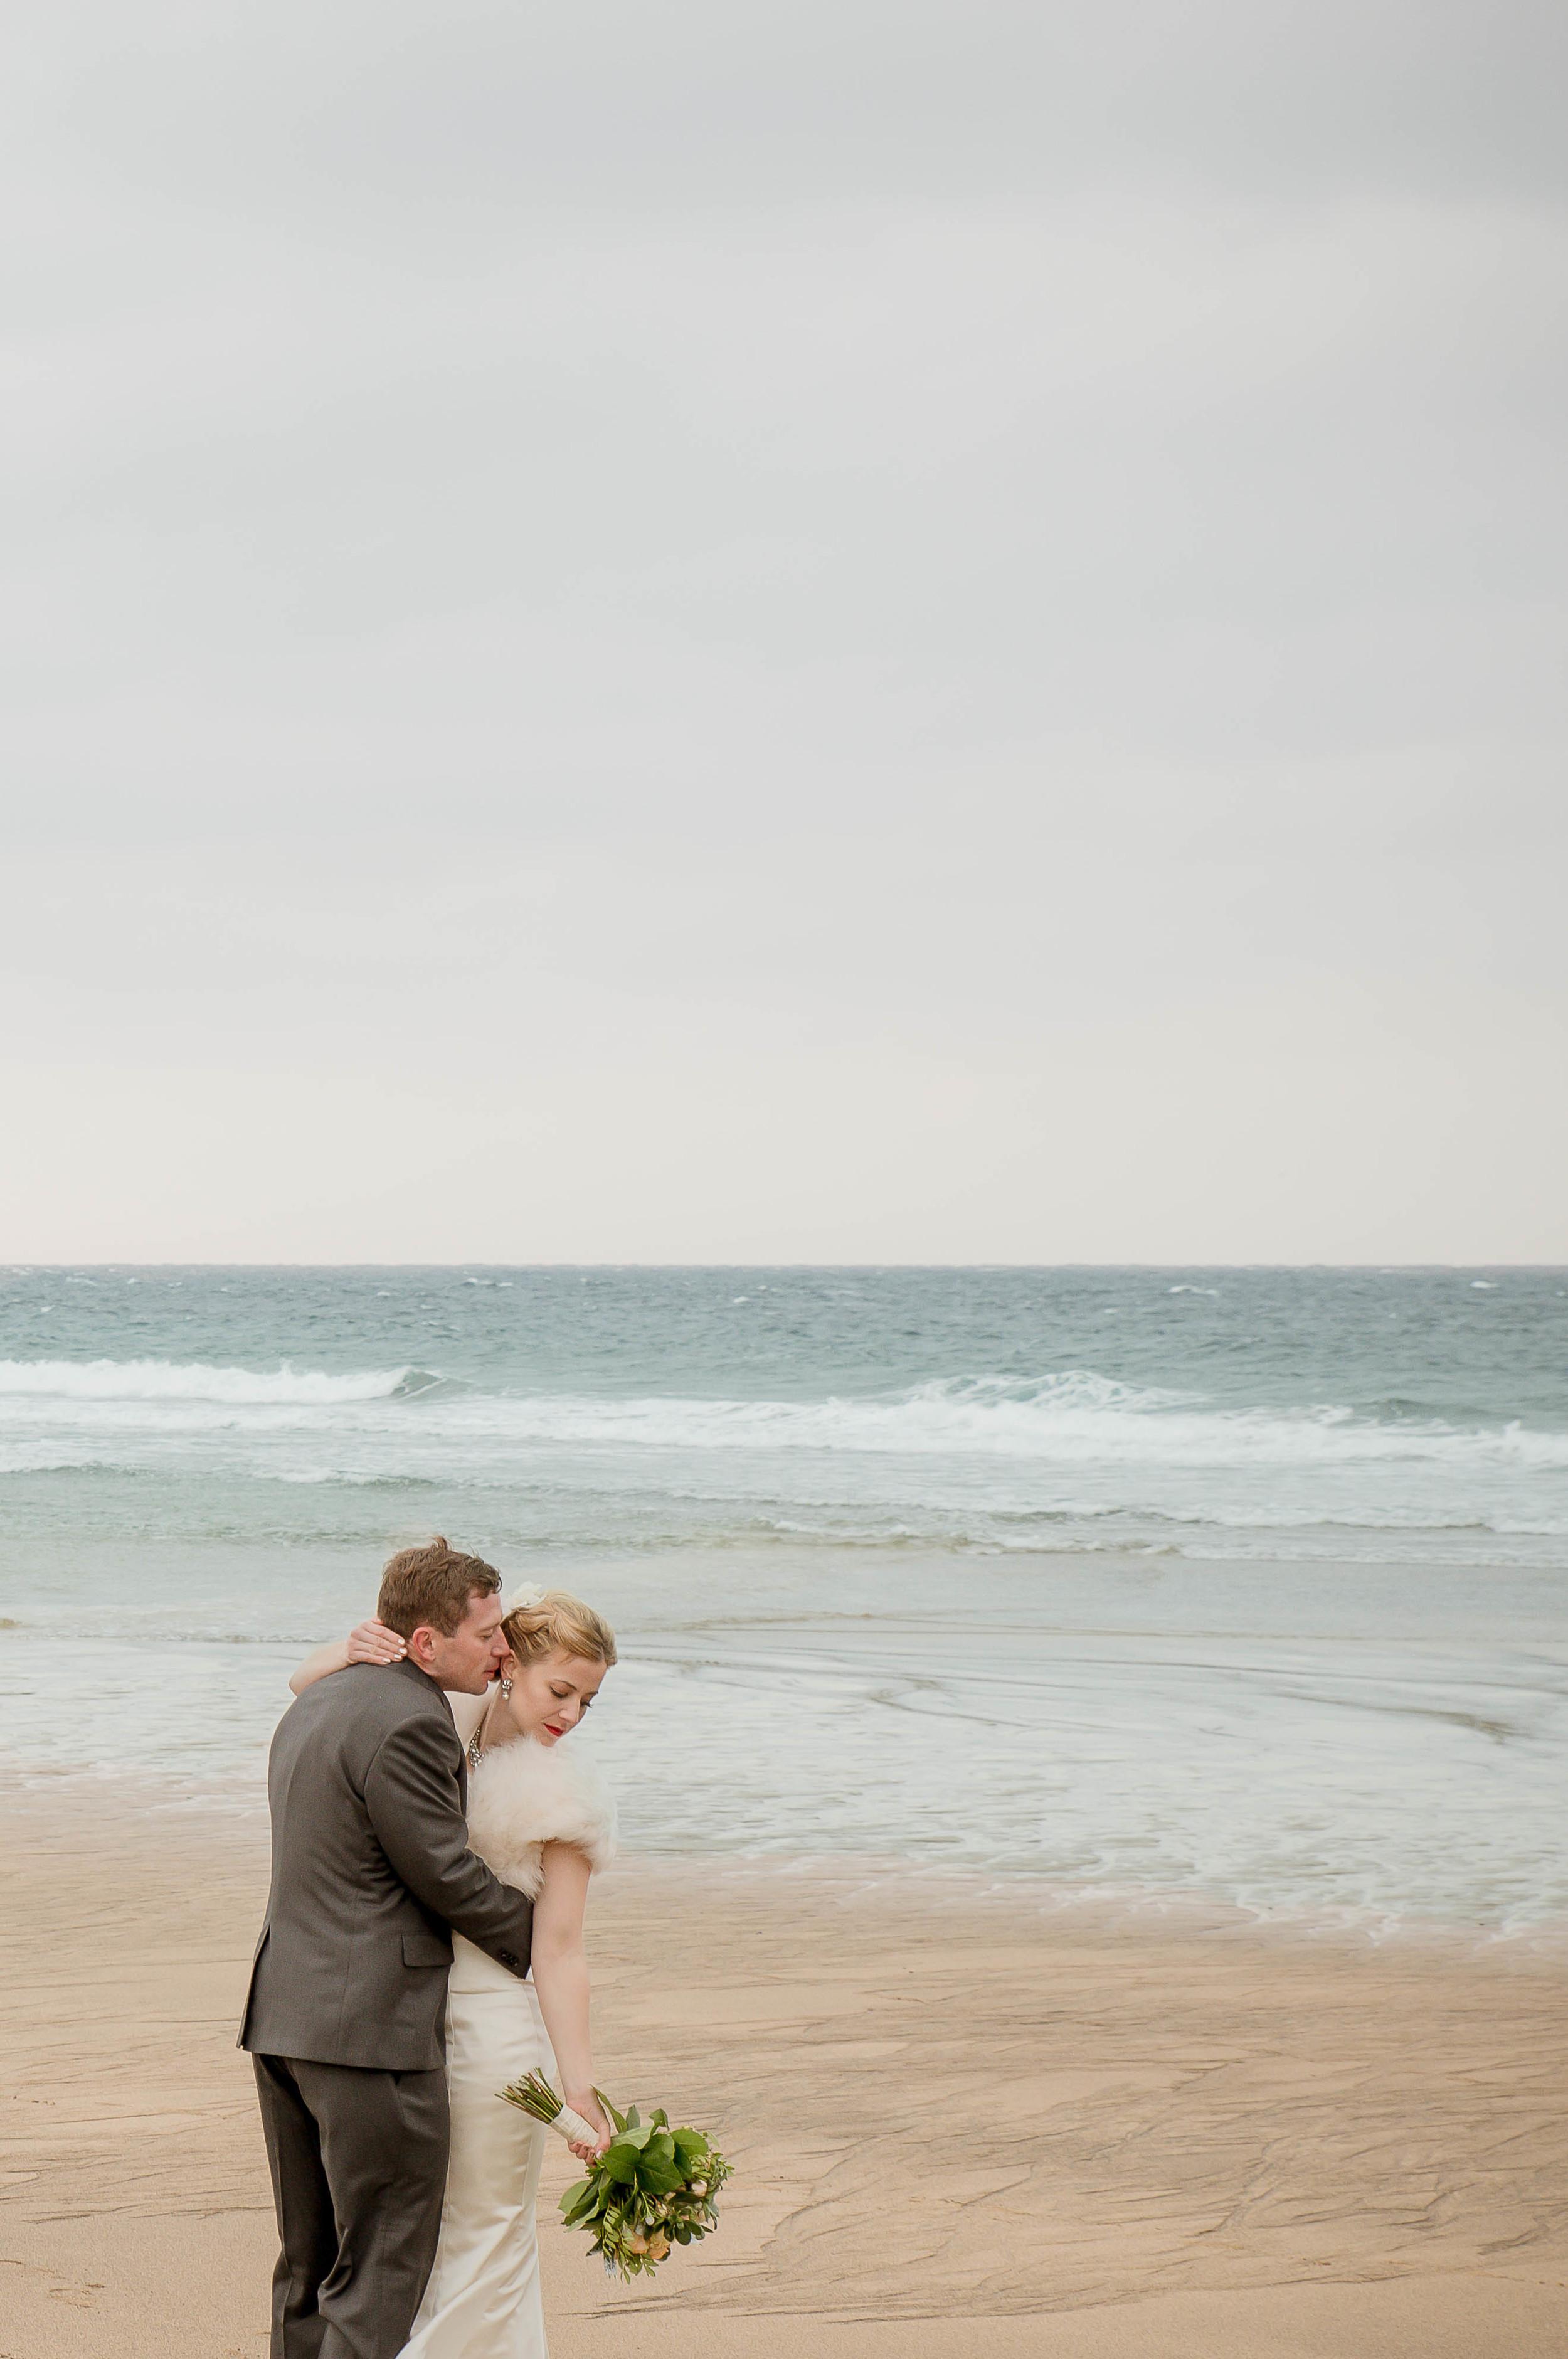 Iceland-Wedding-Photographer-Photos-by-Miss-Ann-27.jpg